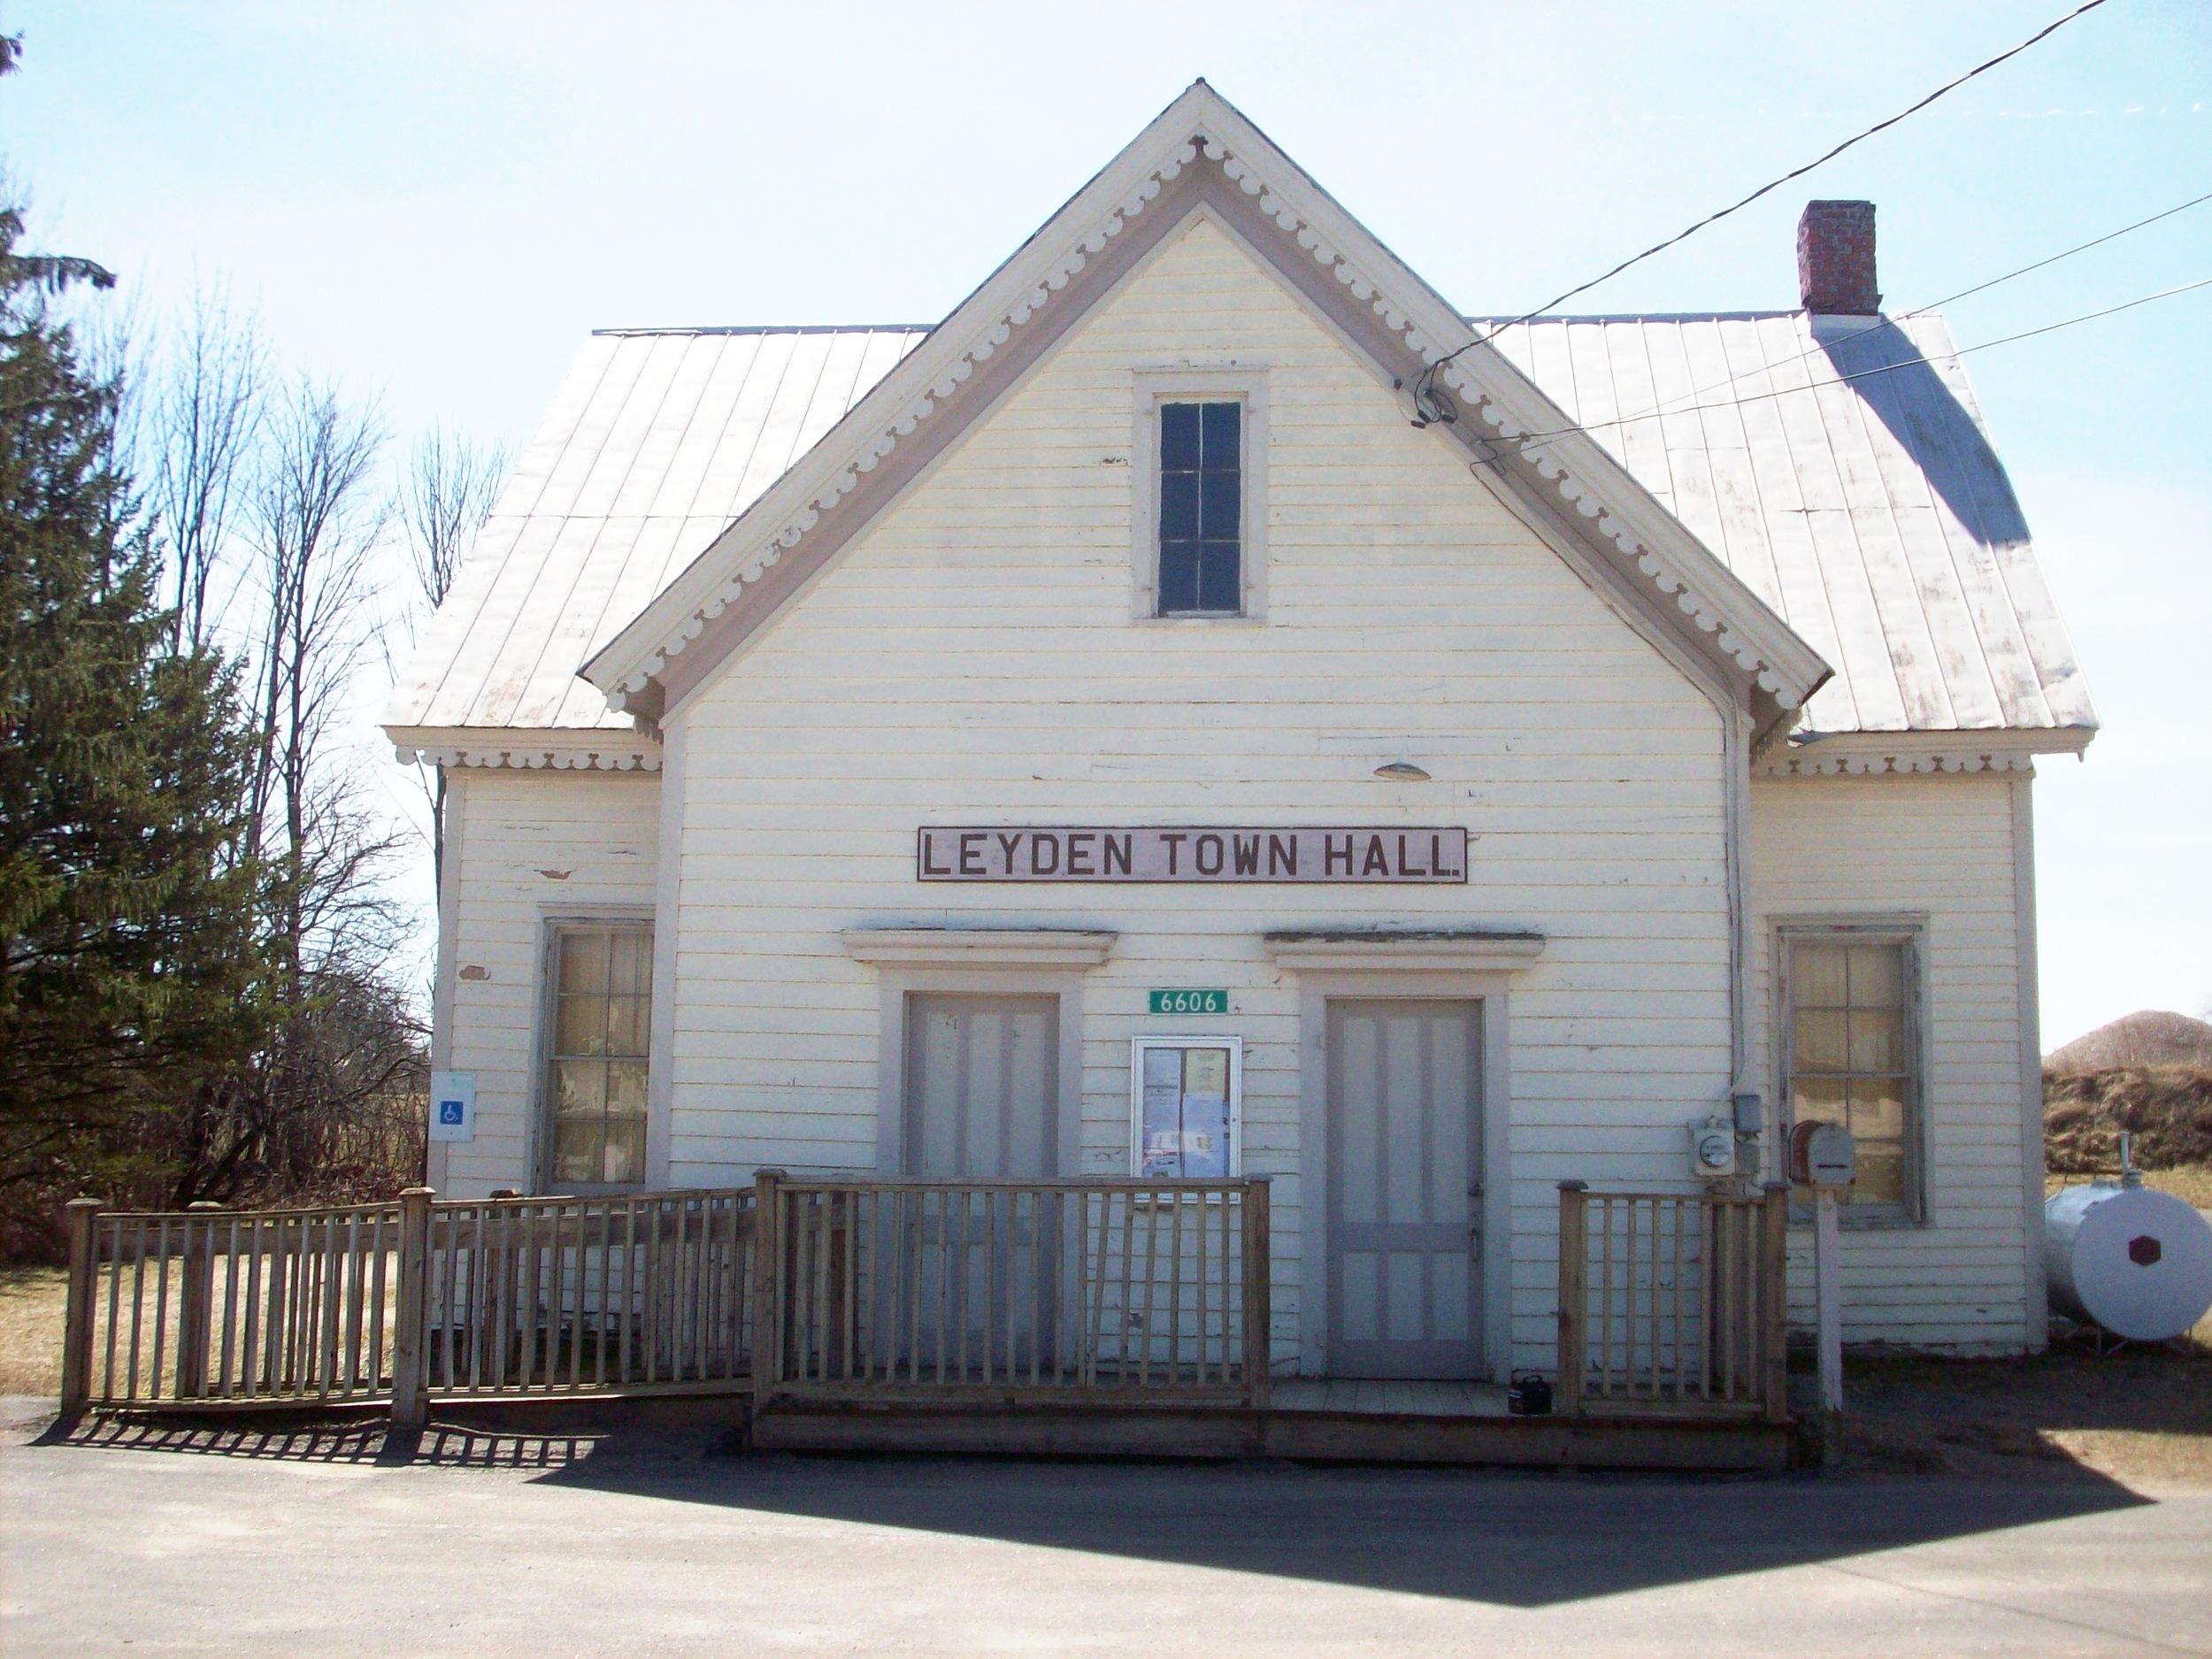 Leyden Common School No. 2/Leyden Town Hall